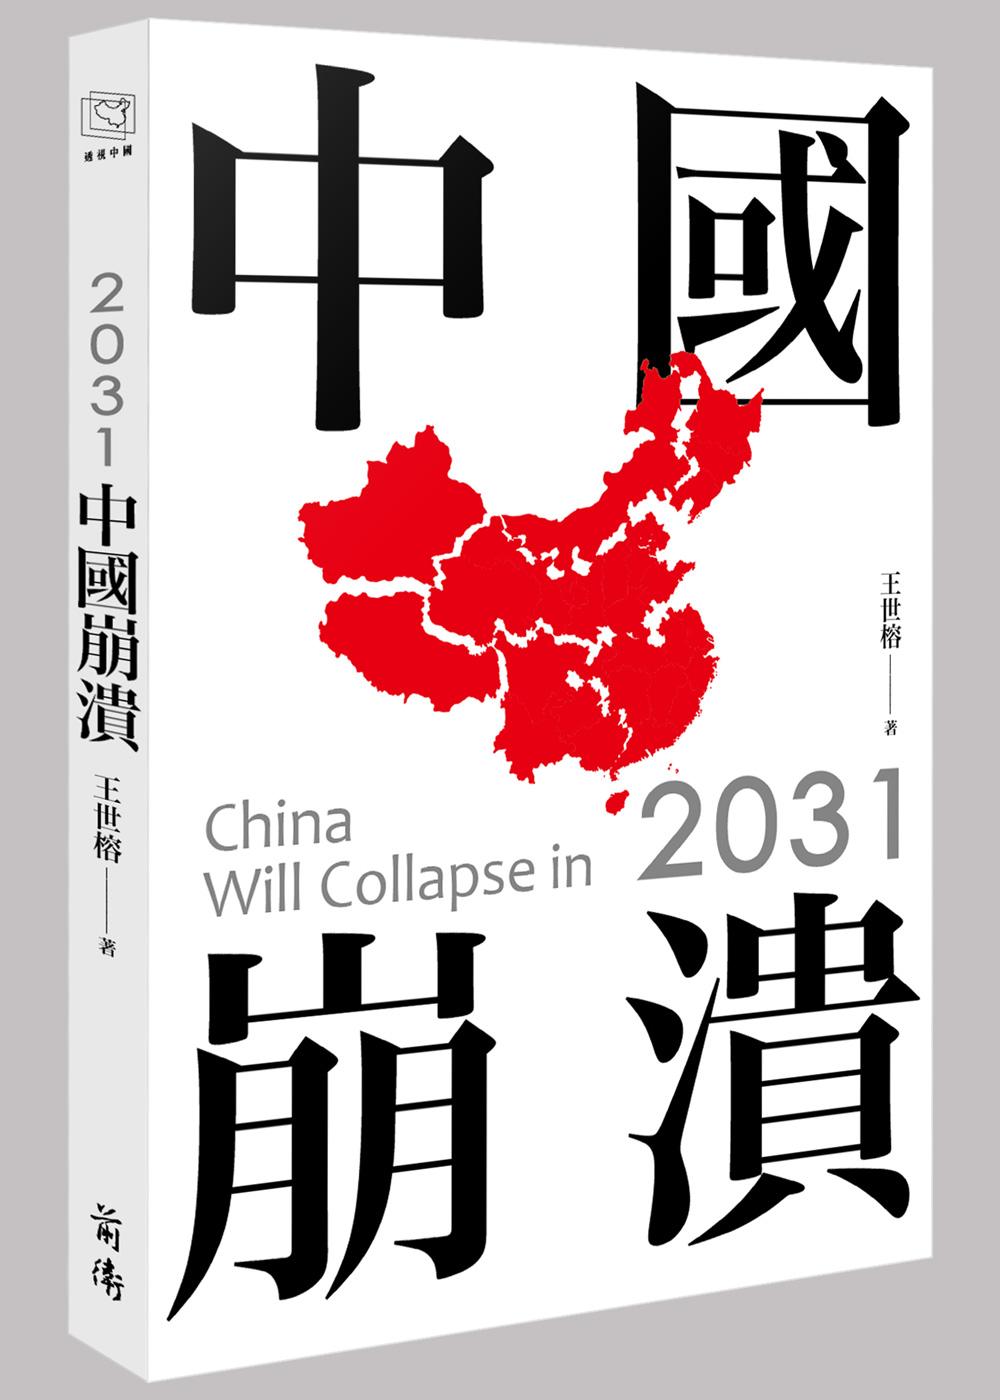 ◤博客來BOOKS◢ 暢銷書榜《推薦》2031中國崩潰